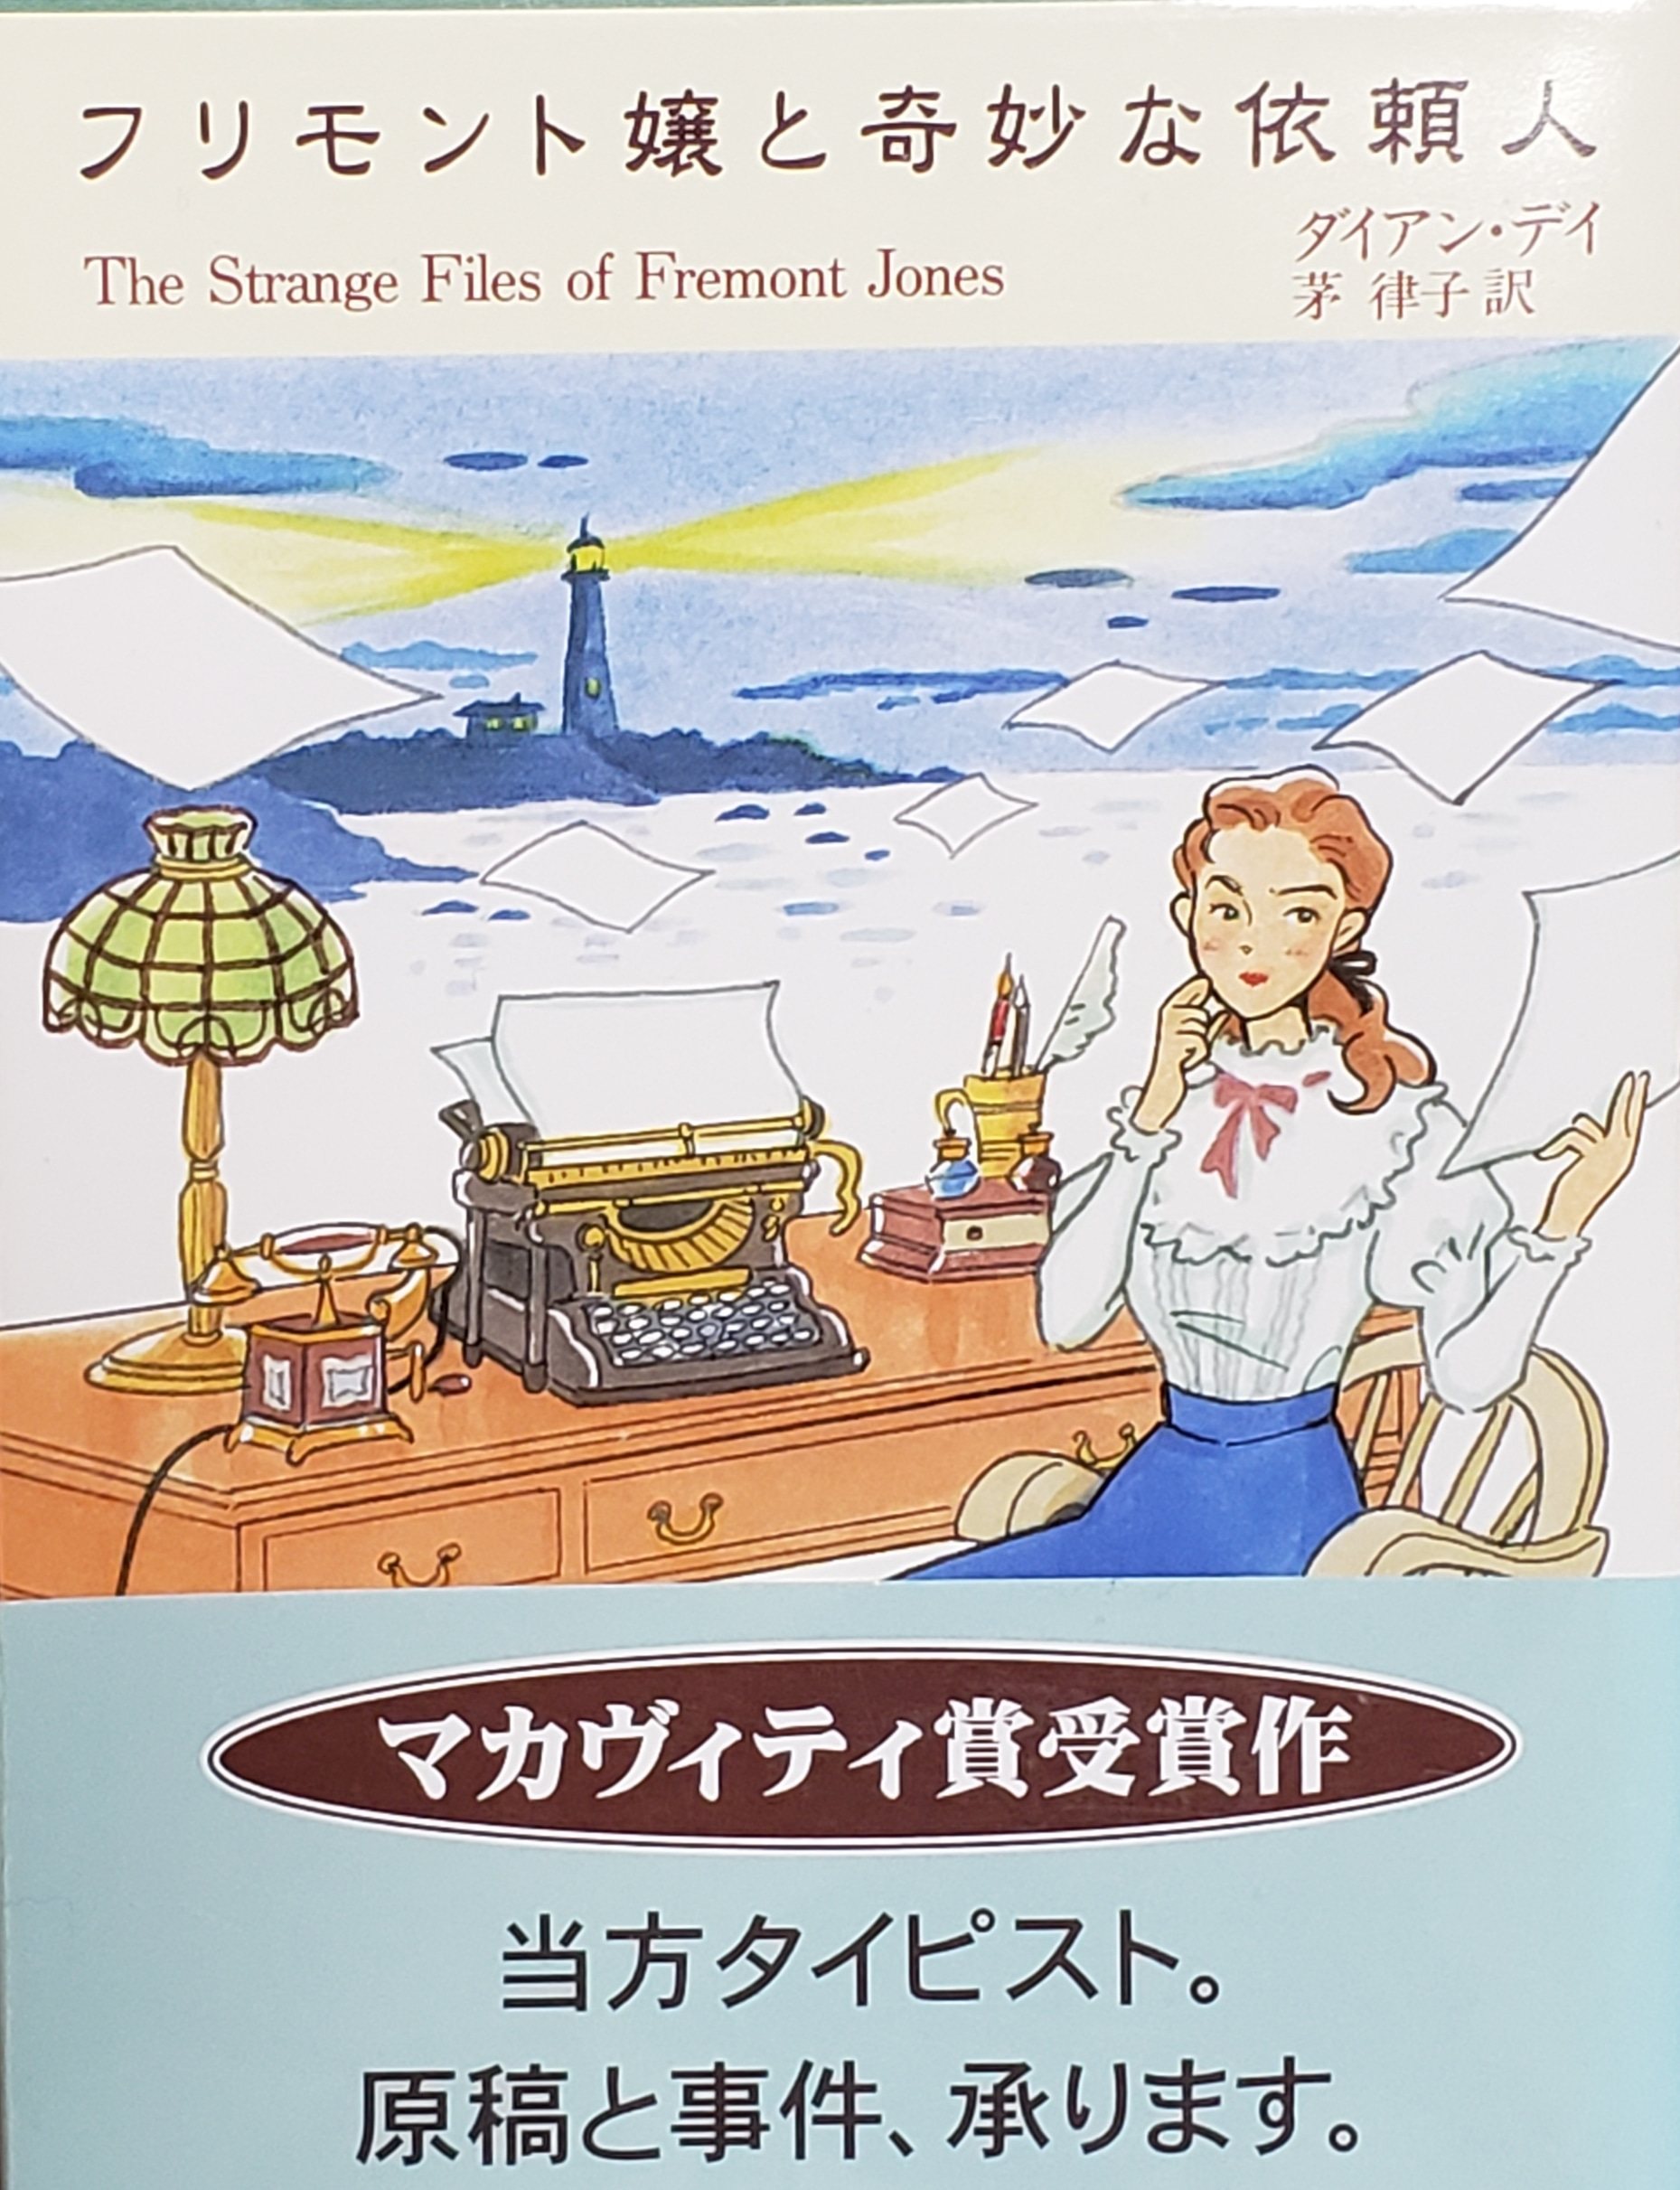 580冊目   翻訳ミステリと株とちょっとスジュ活の日々